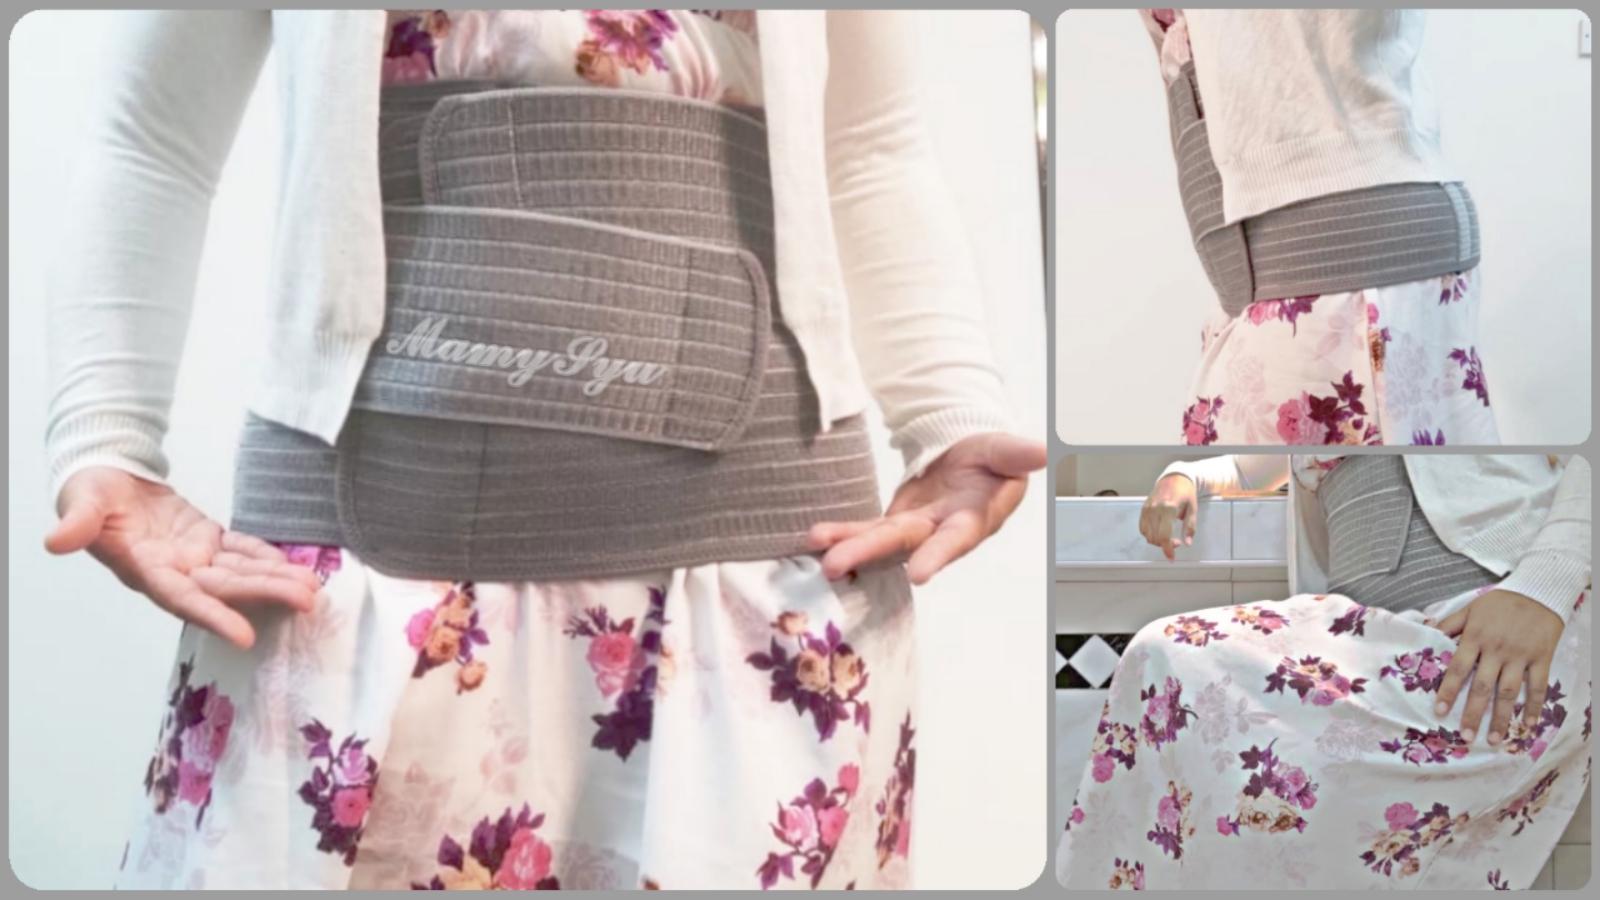 Bengkung corset terbaik